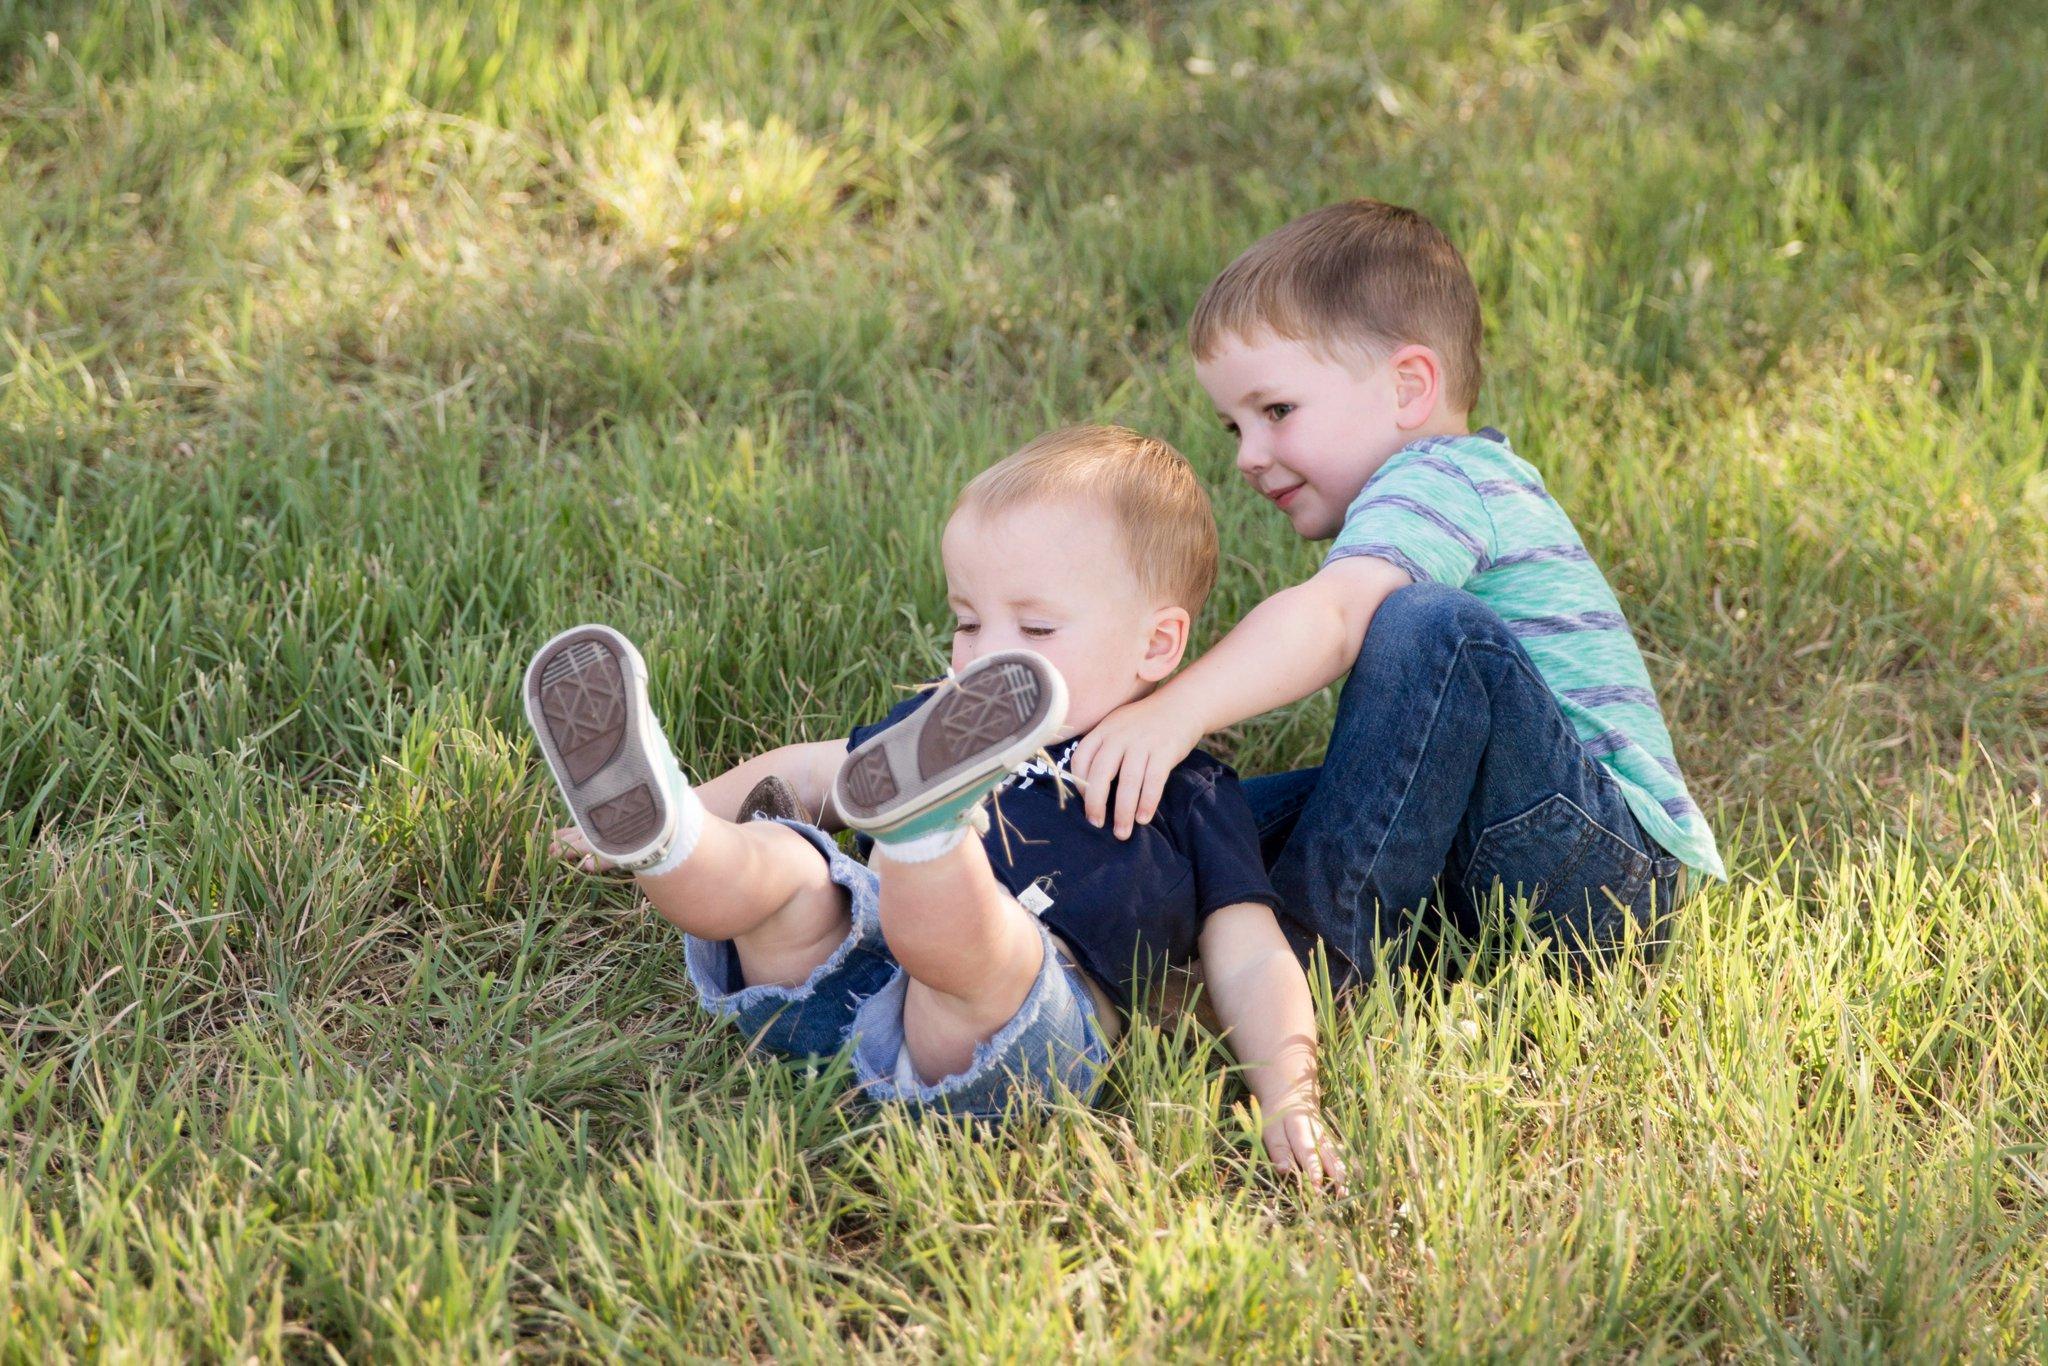 lubbock-family-photographer13.jpg